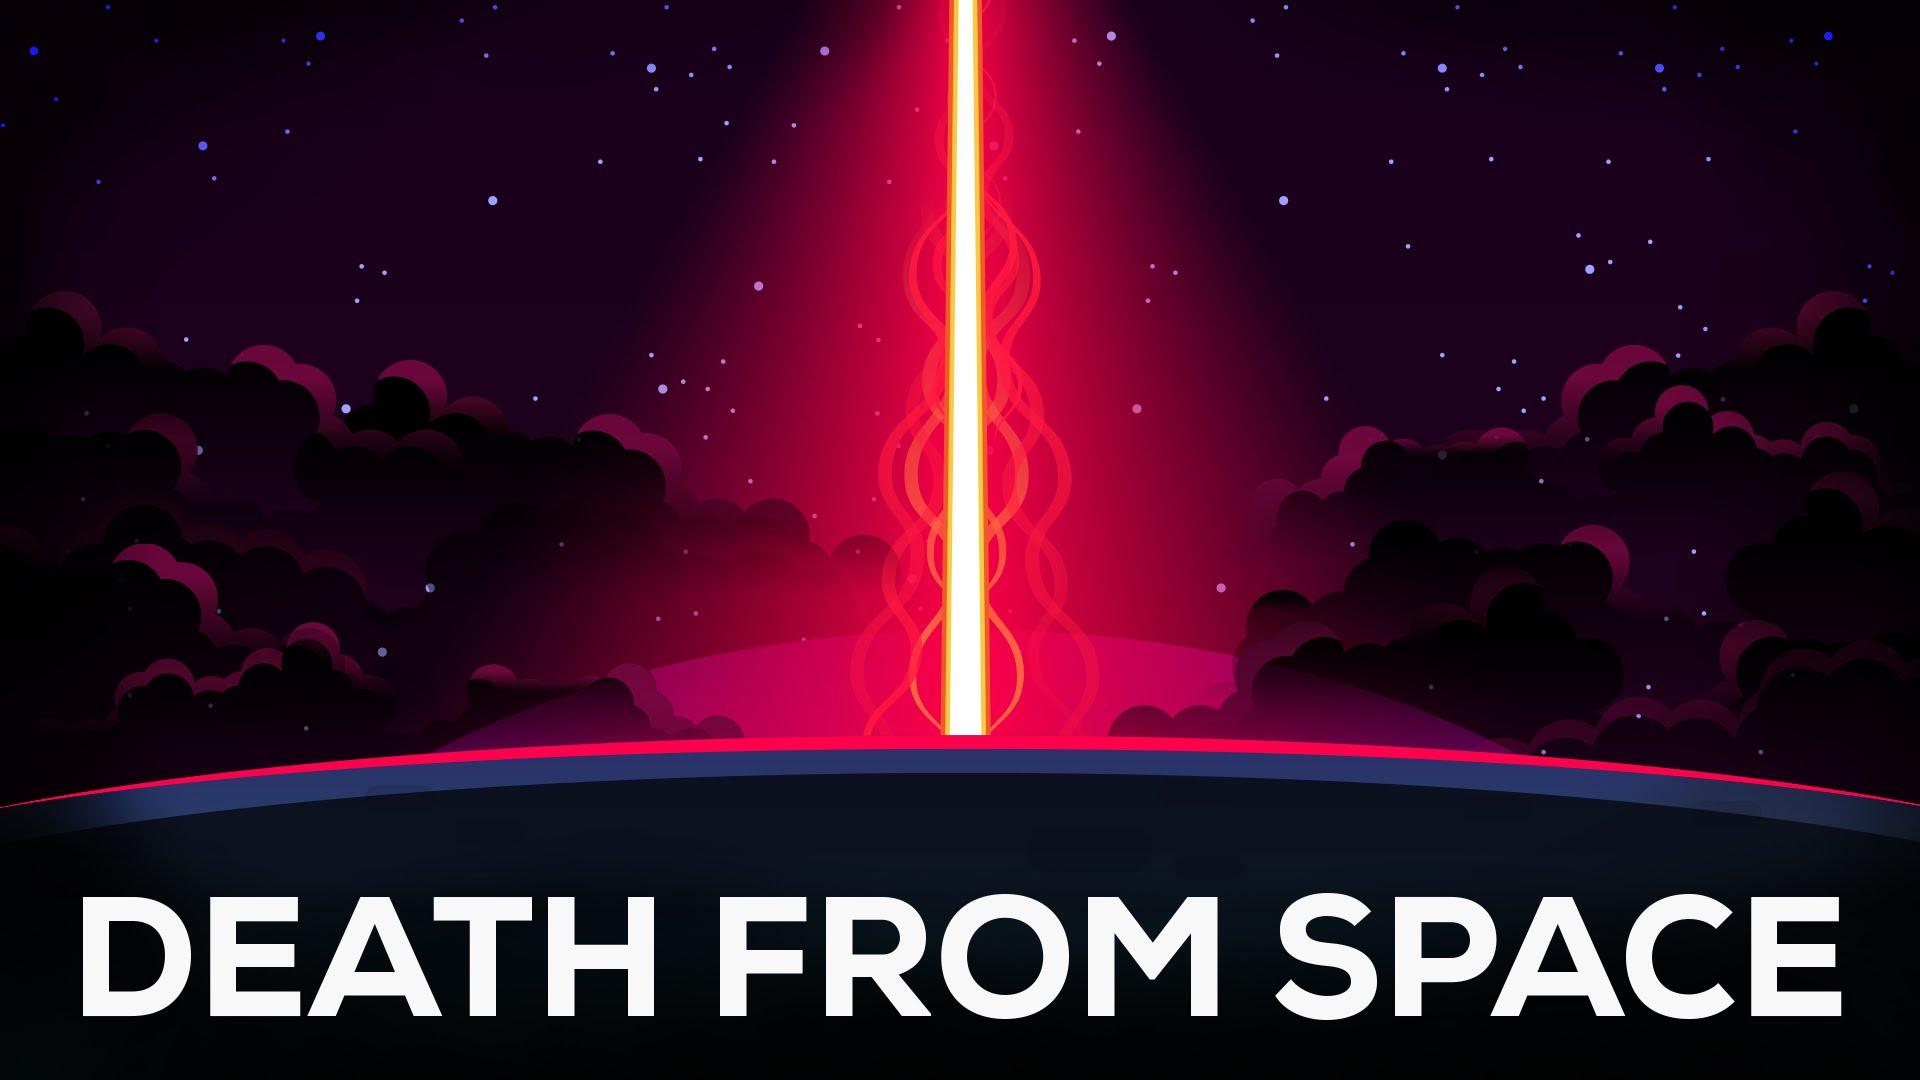 Kurzgesagt erklärt uns Gammastrahlenblitze aus dem Weltraum, falls ihr noch nicht genug Angst haben solltet